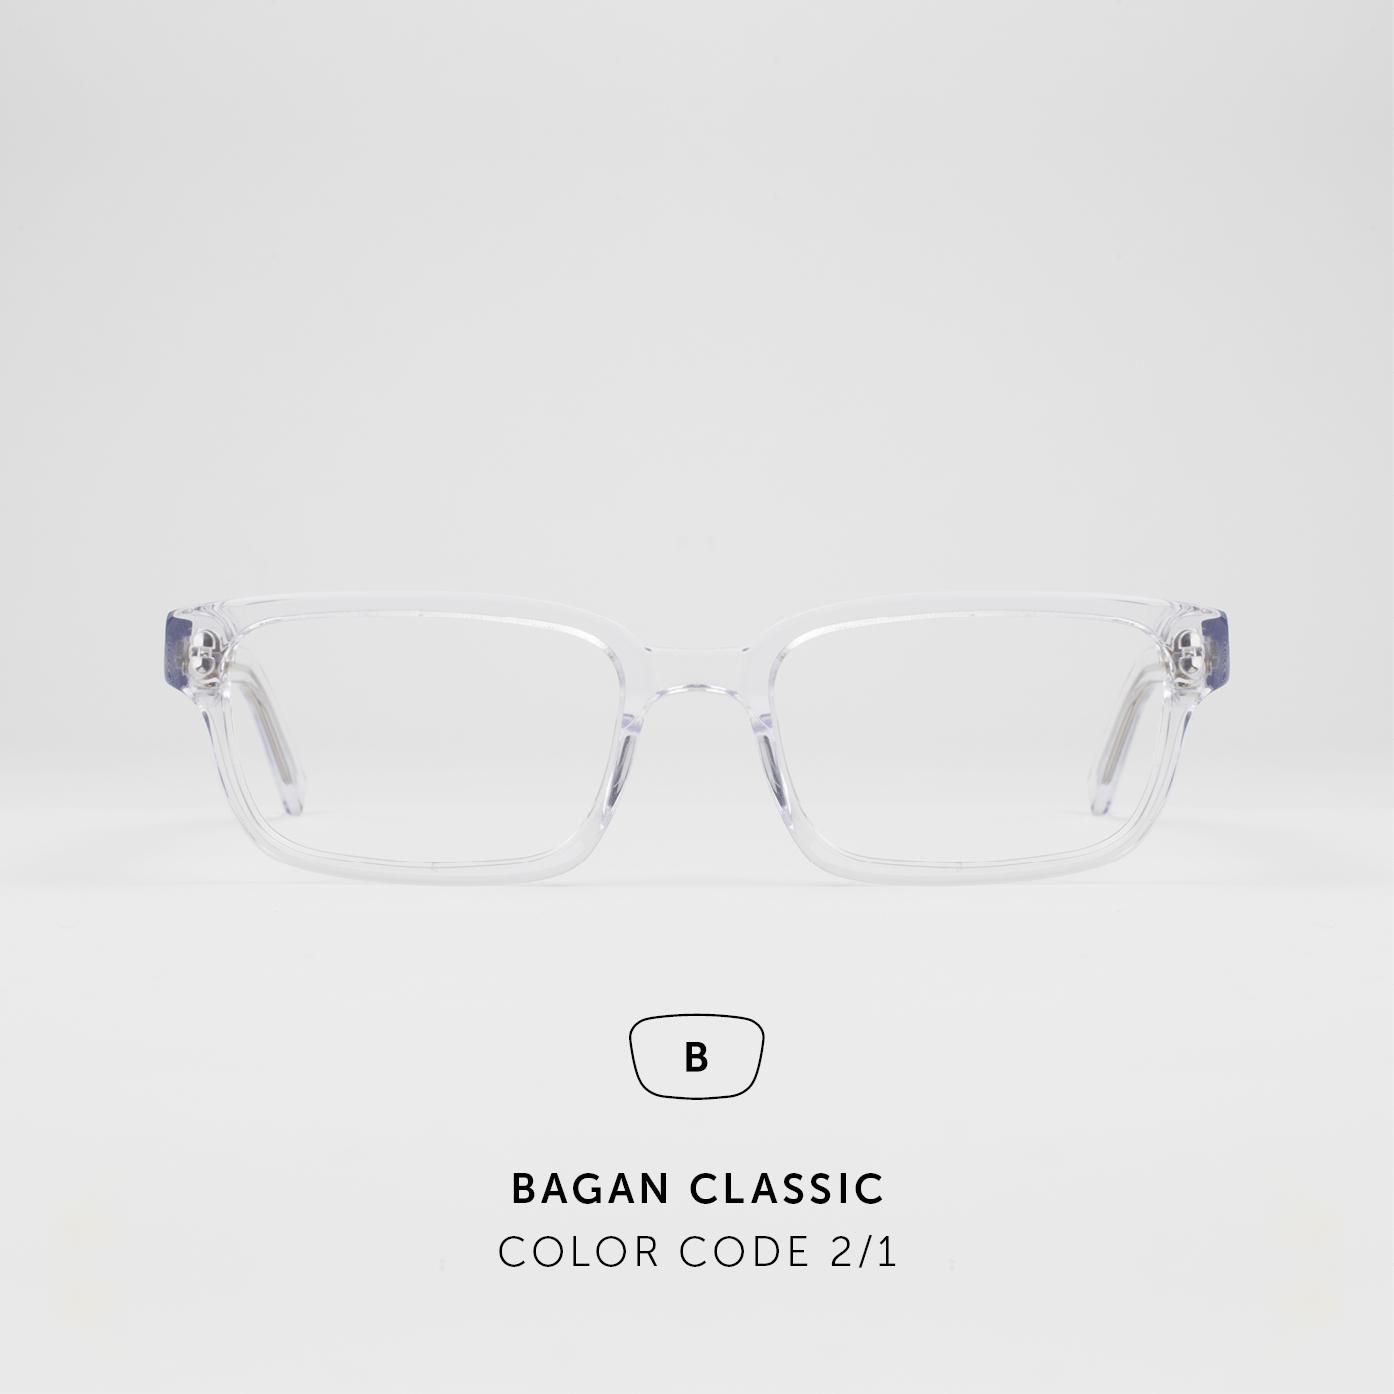 BaganClassic9.jpg